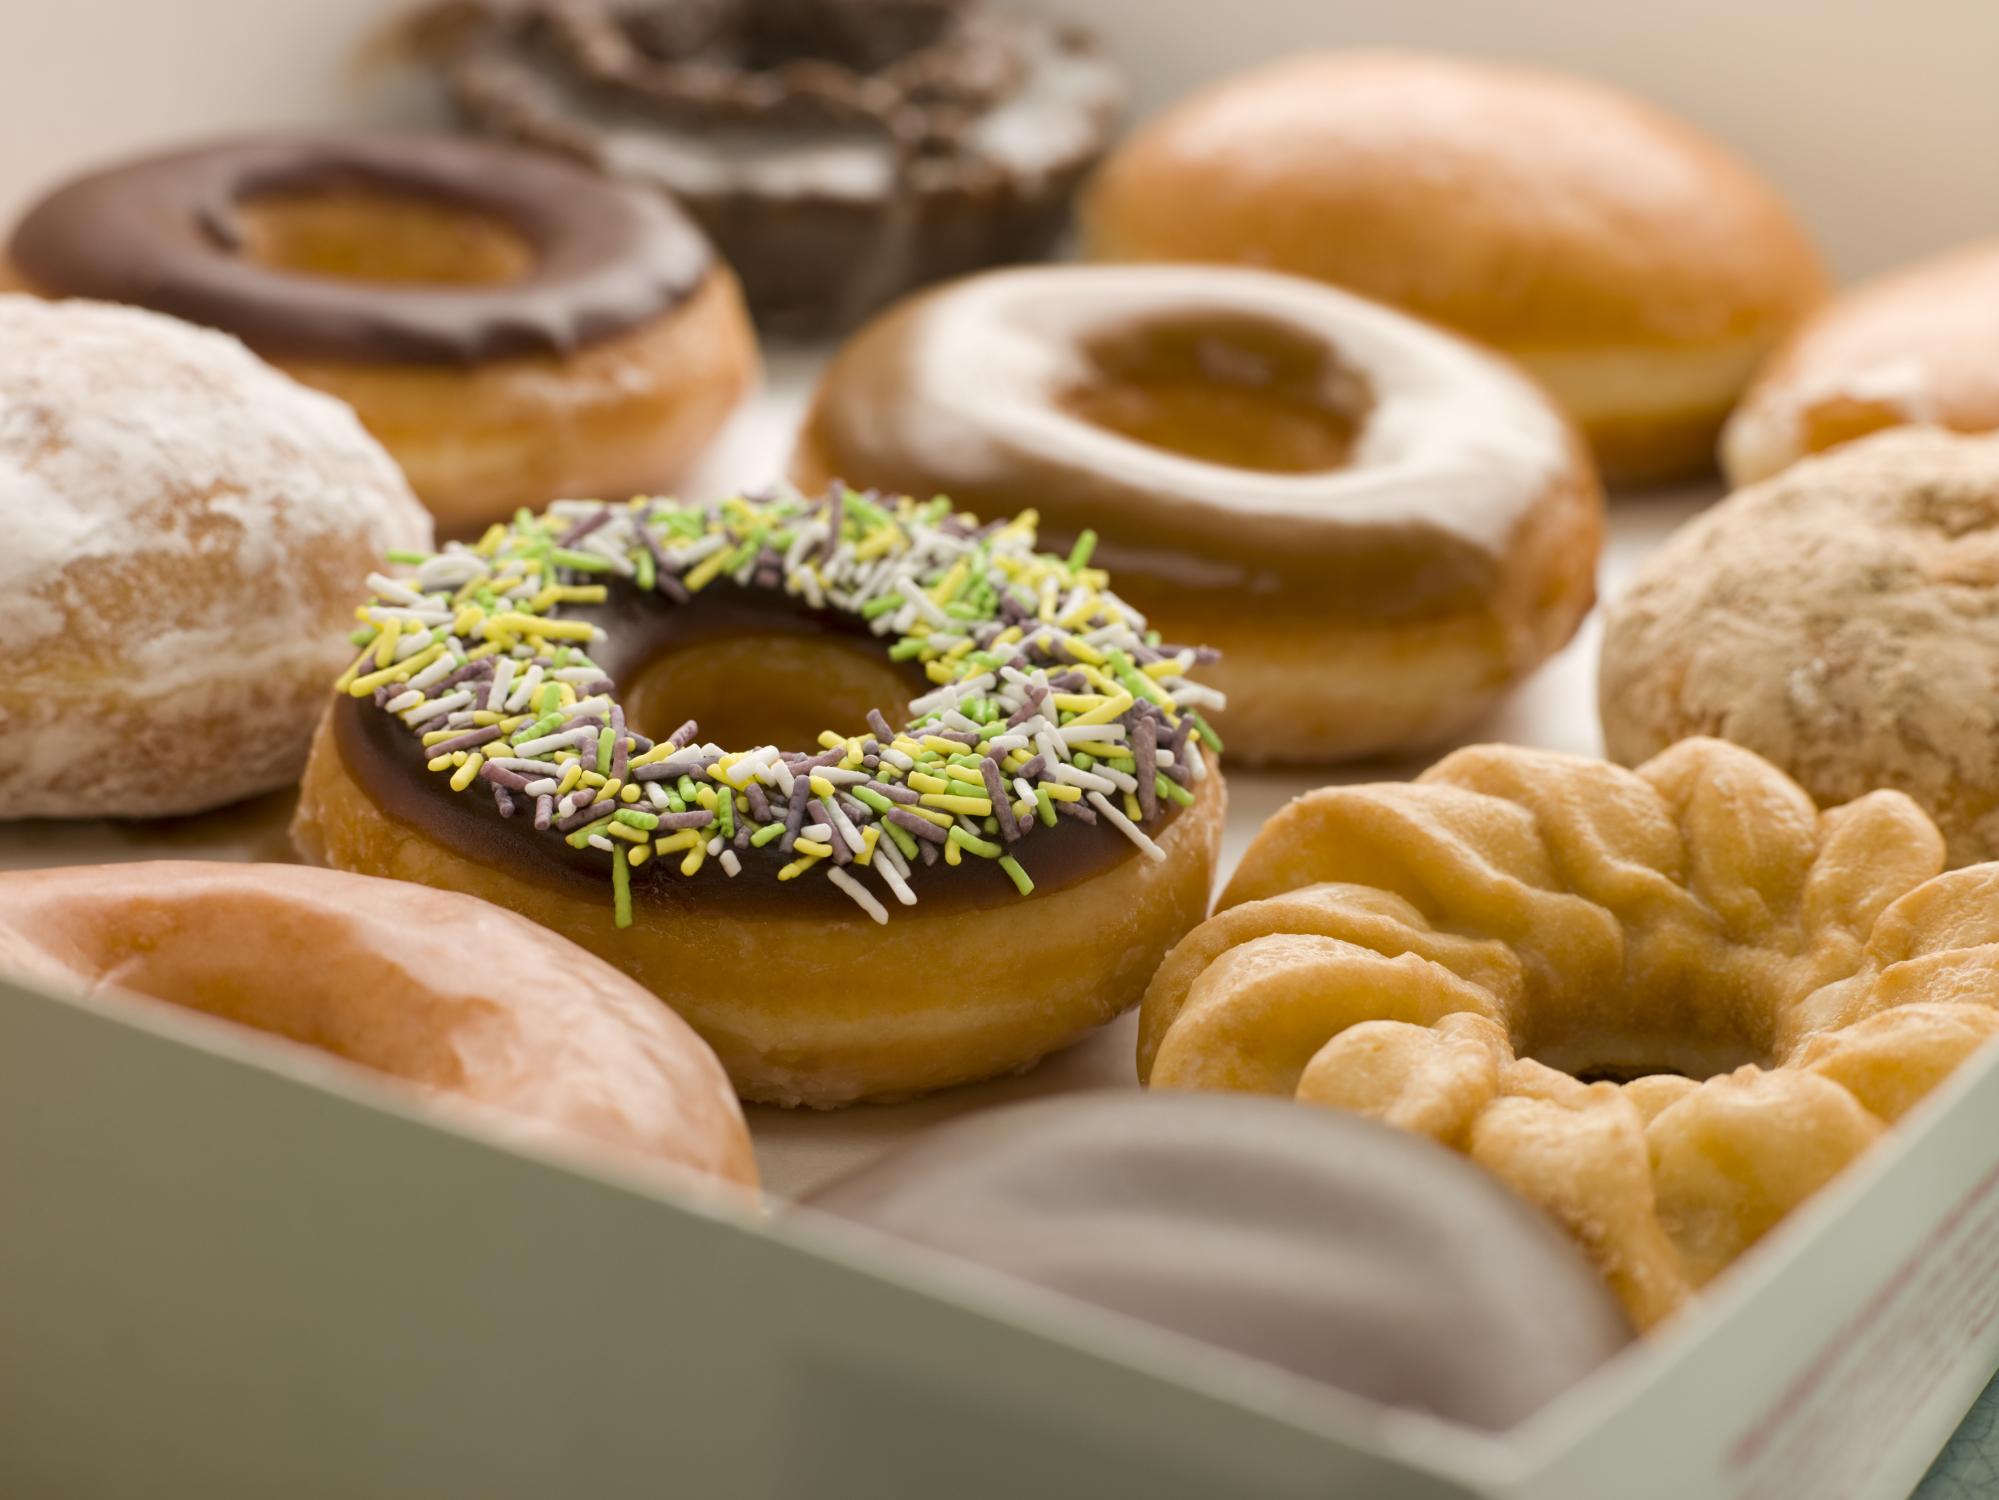 Lékaři: Cukr je novým tabákem, je potřeba rázně zakročit